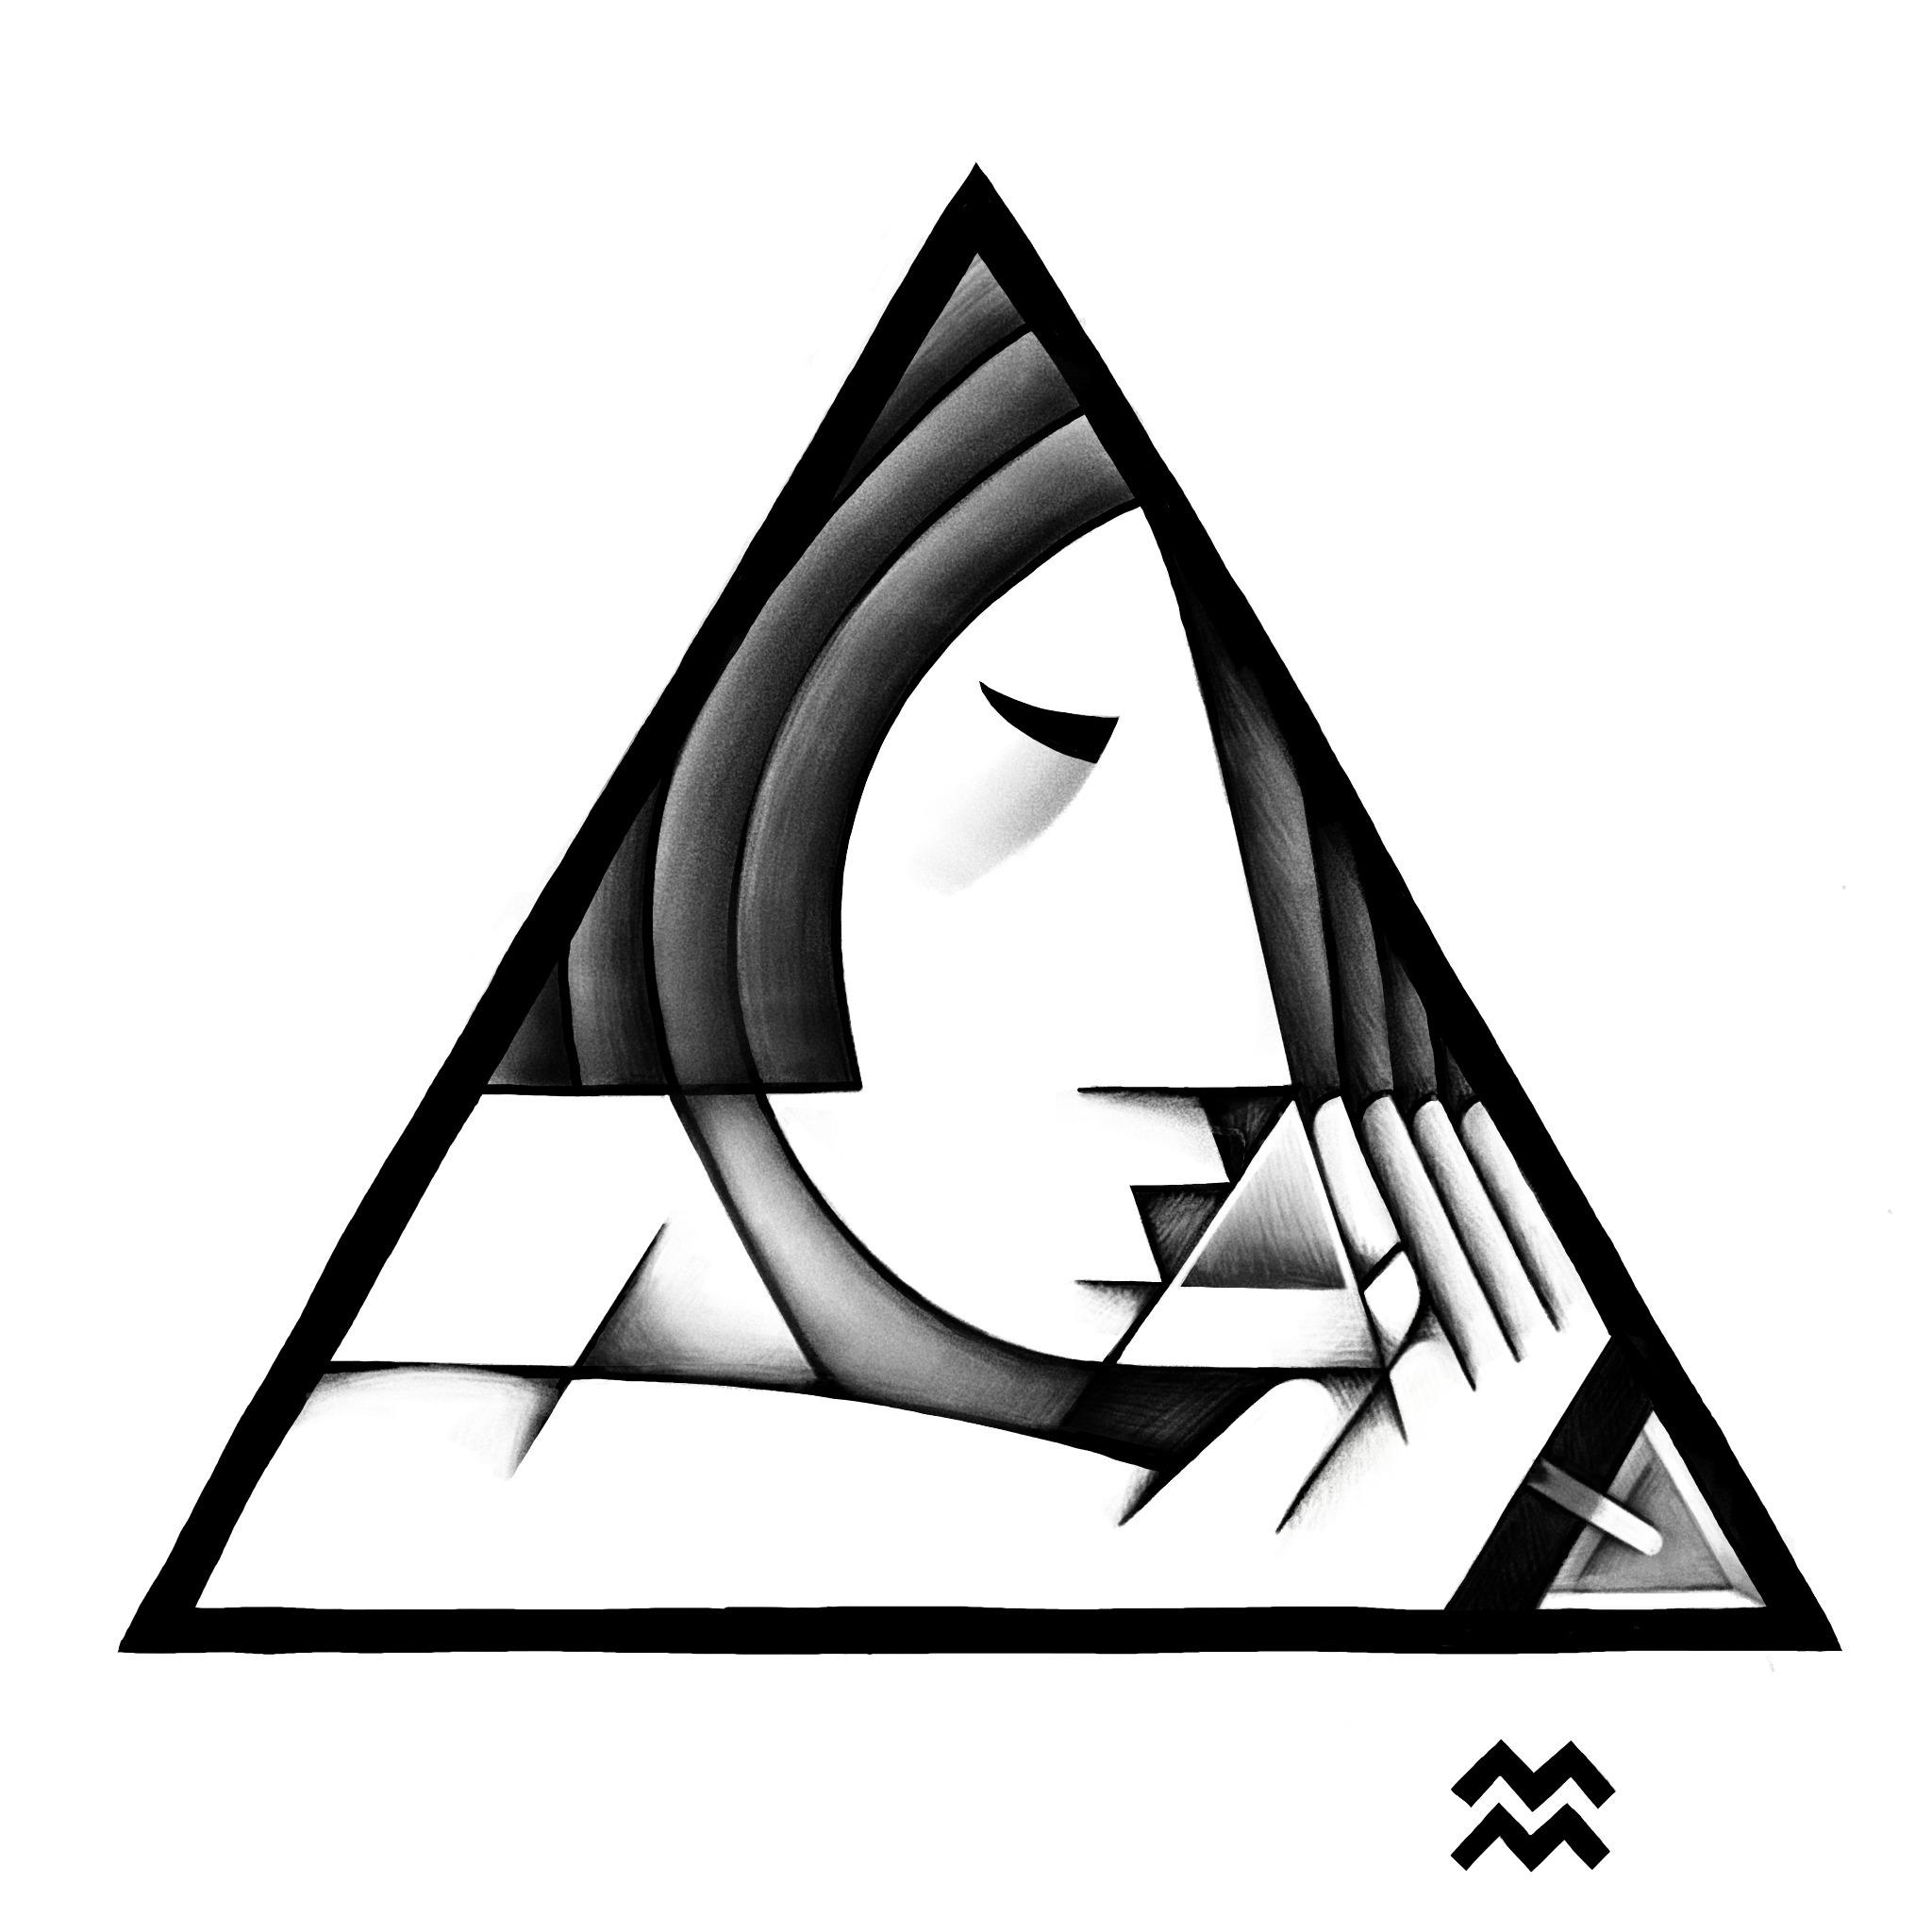 triangle | martini - miriamdraws - miriamdraws | ello